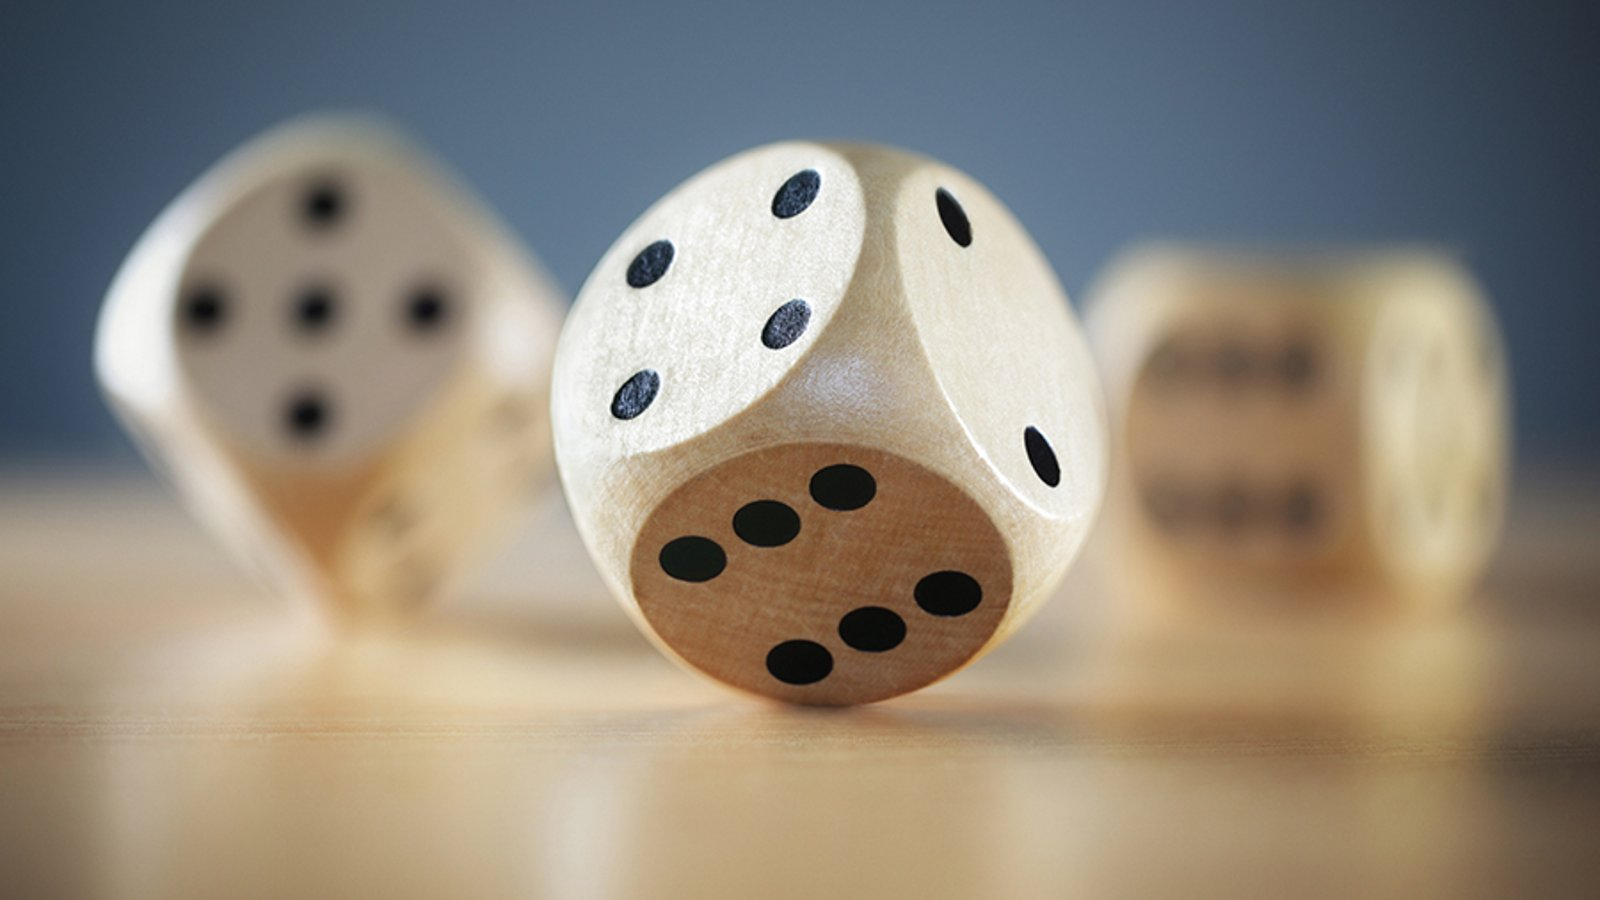 Visualizing Probability